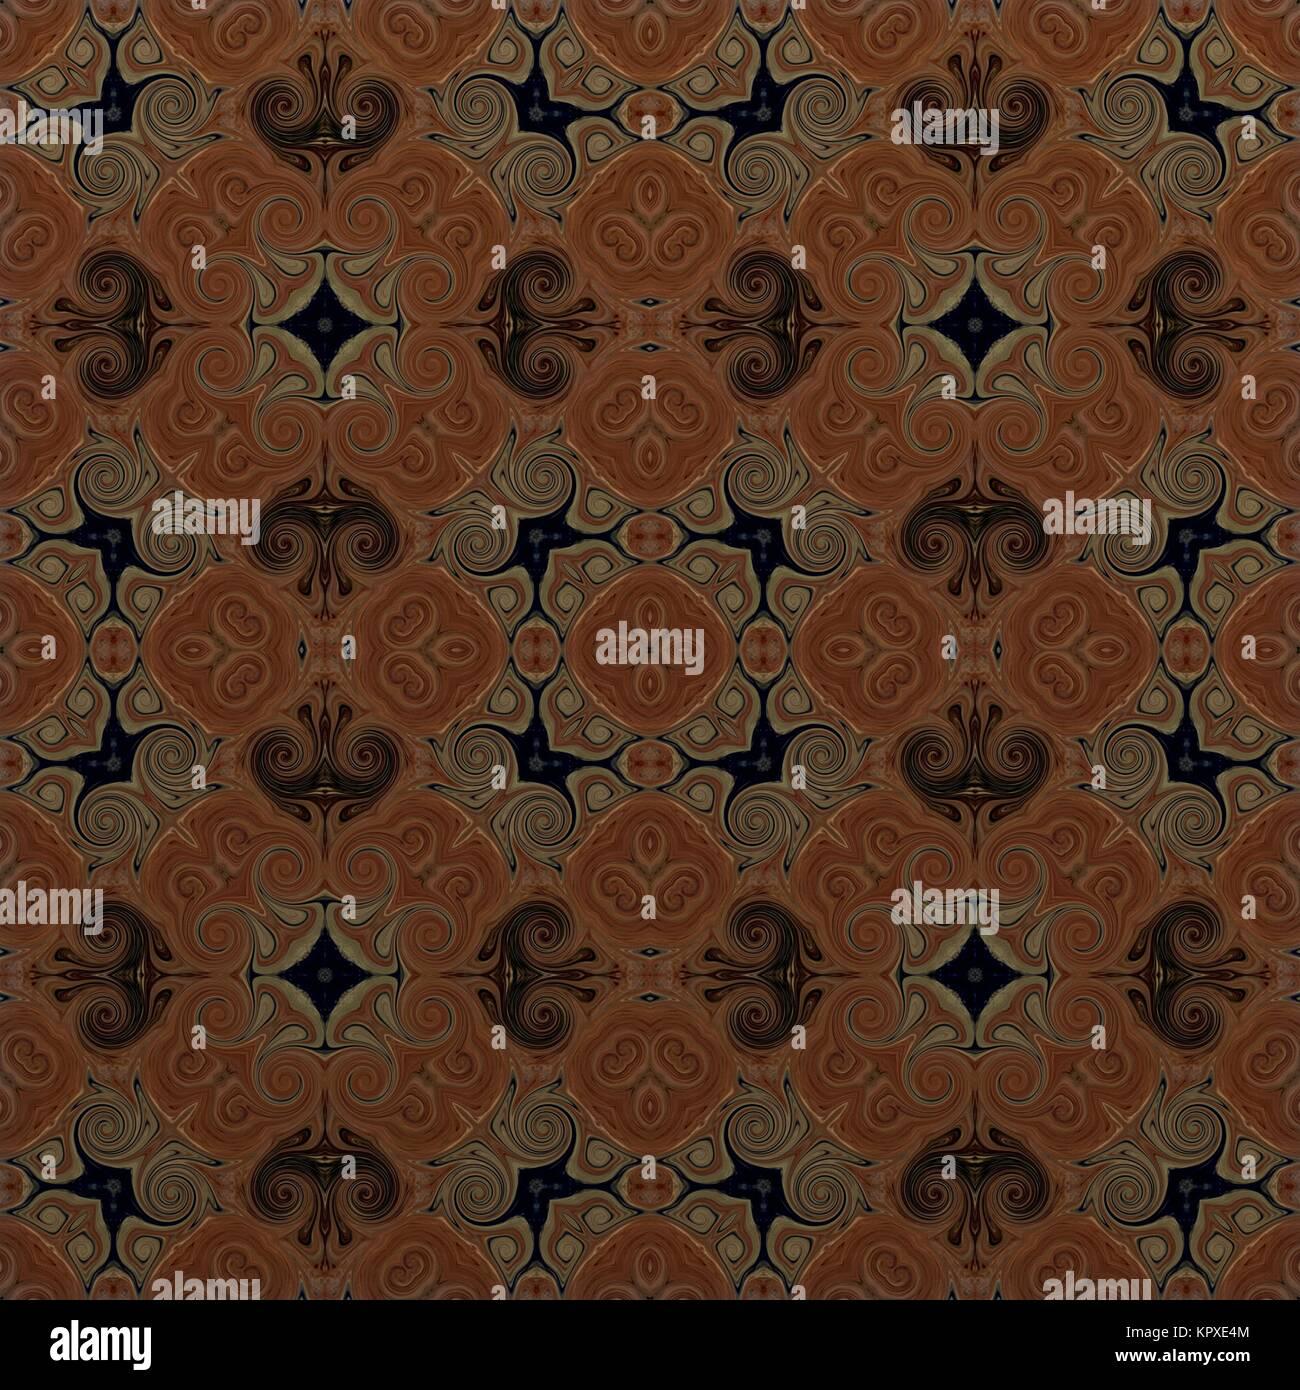 Kombinationsraster Muster im arabischen Stil Blume psychedelic ...